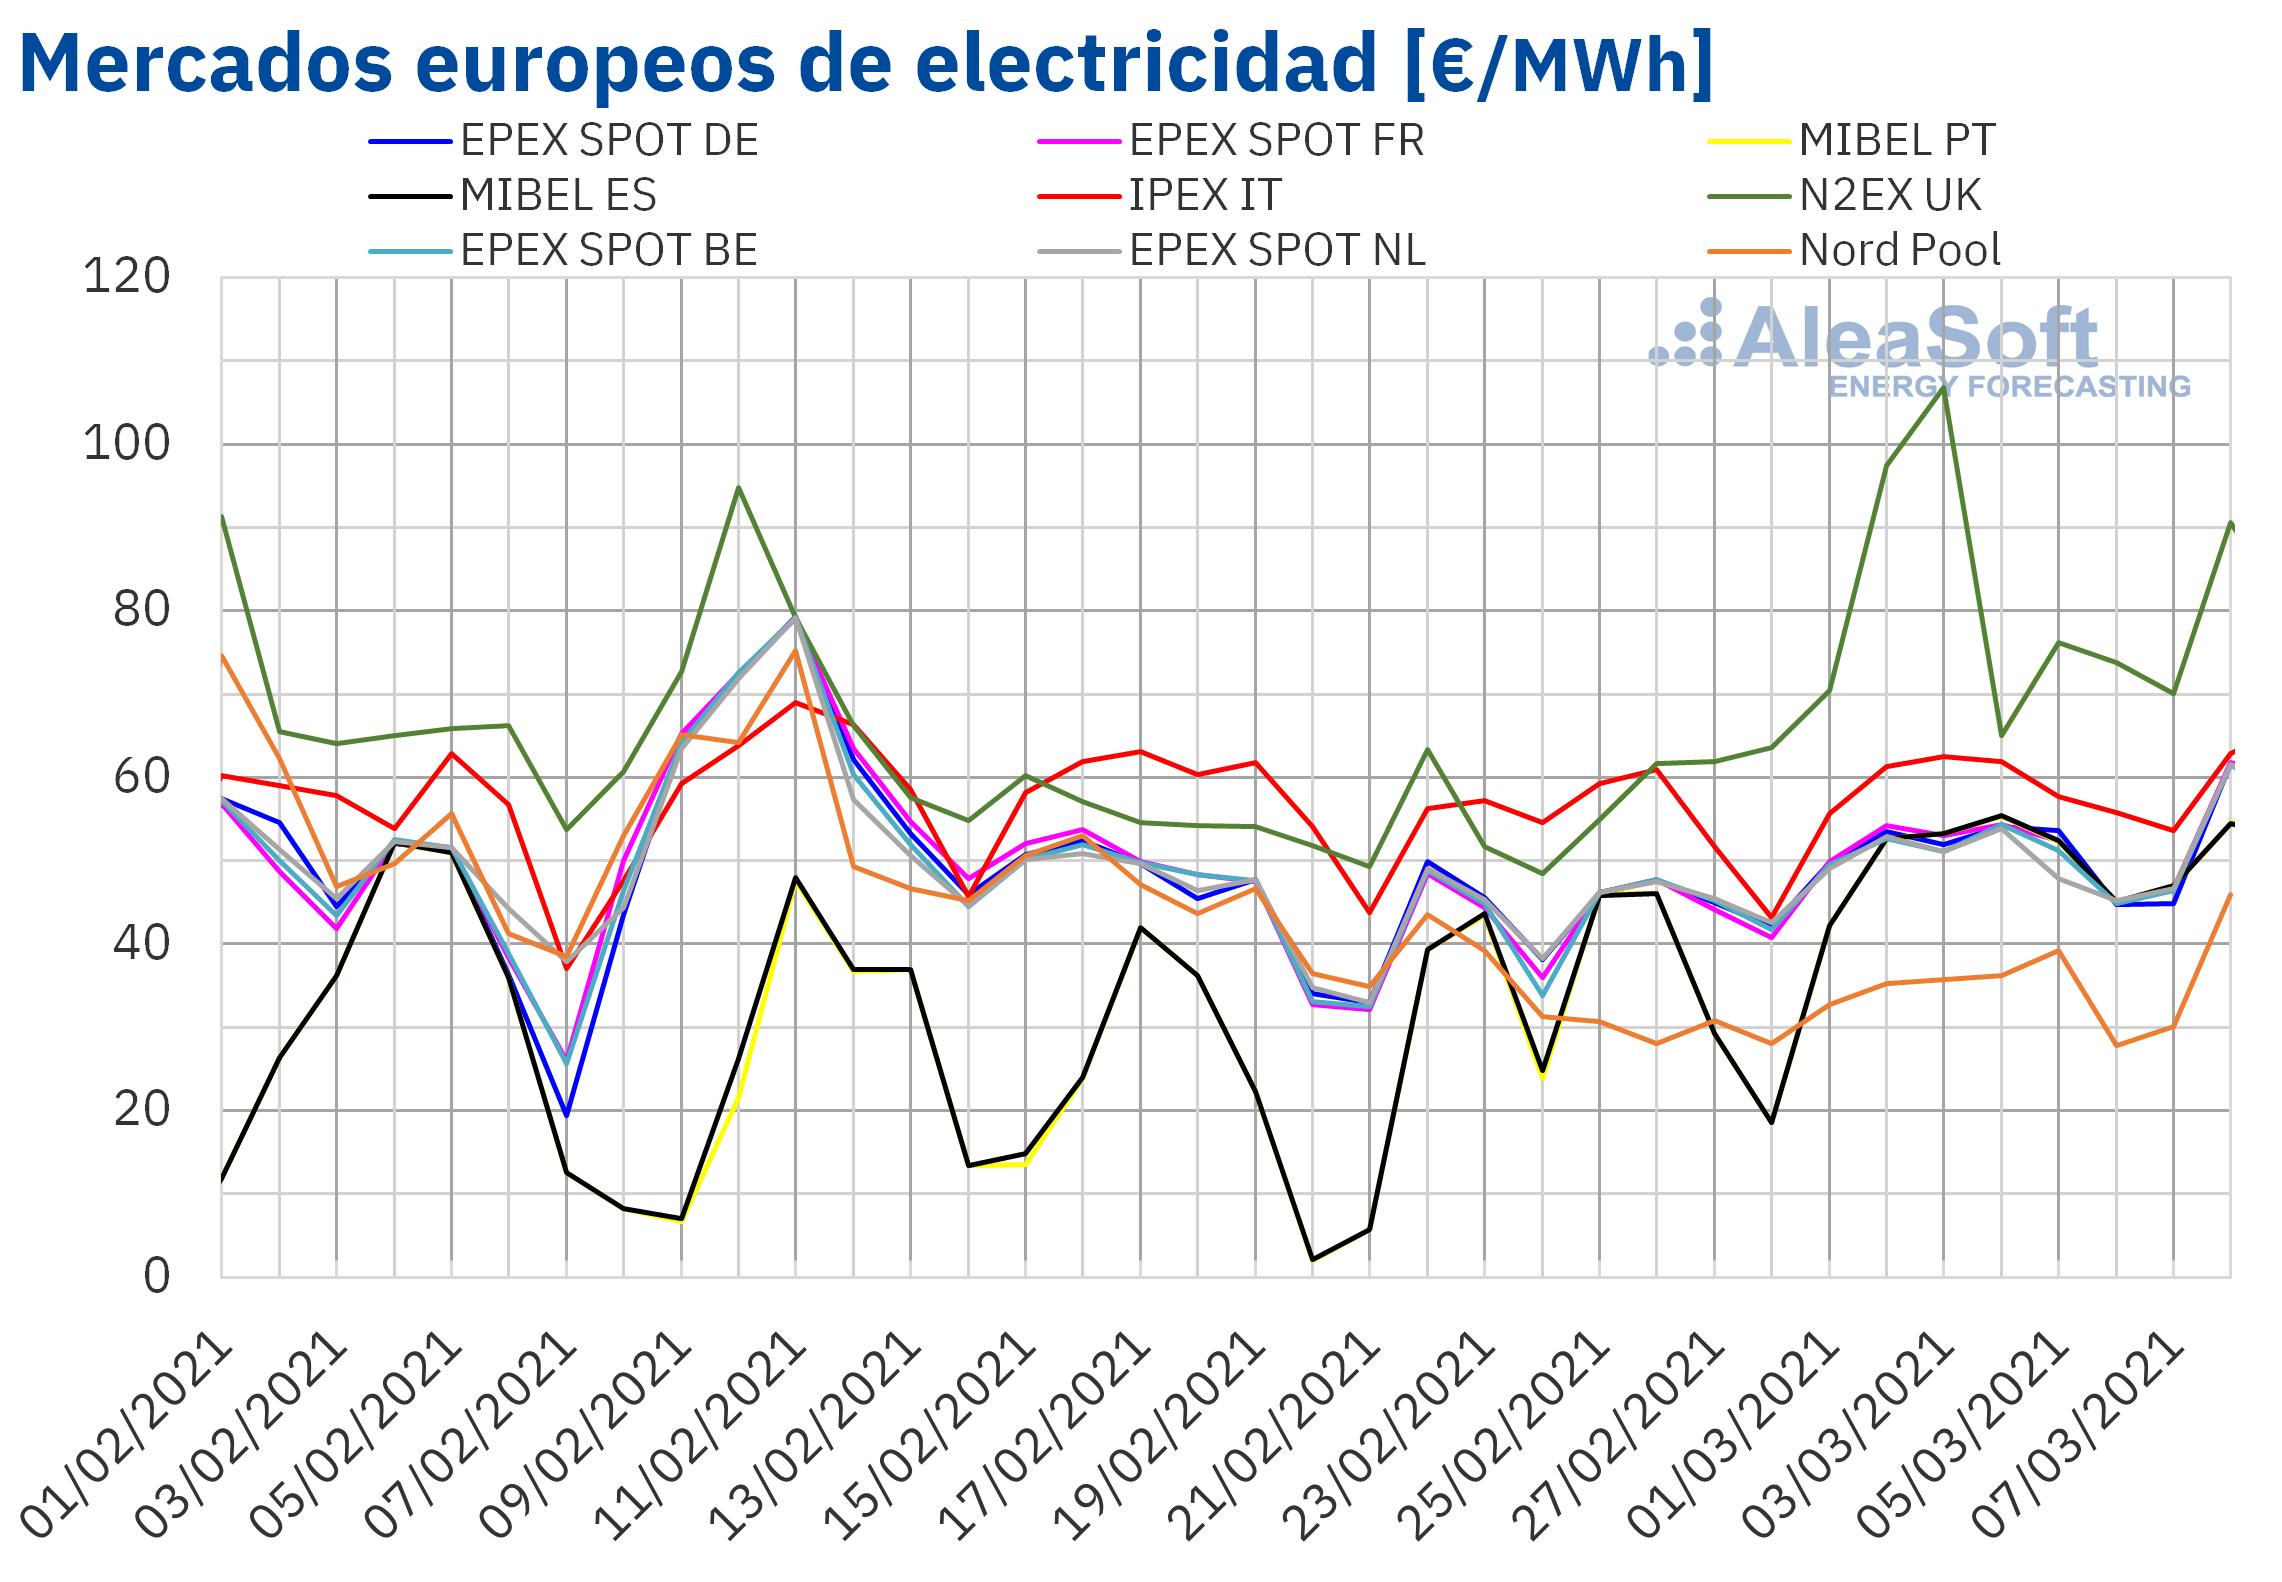 AleaSoft: Los mercados europeos iniciaron marzo con subidas de precios por mayor demanda y menor eólica